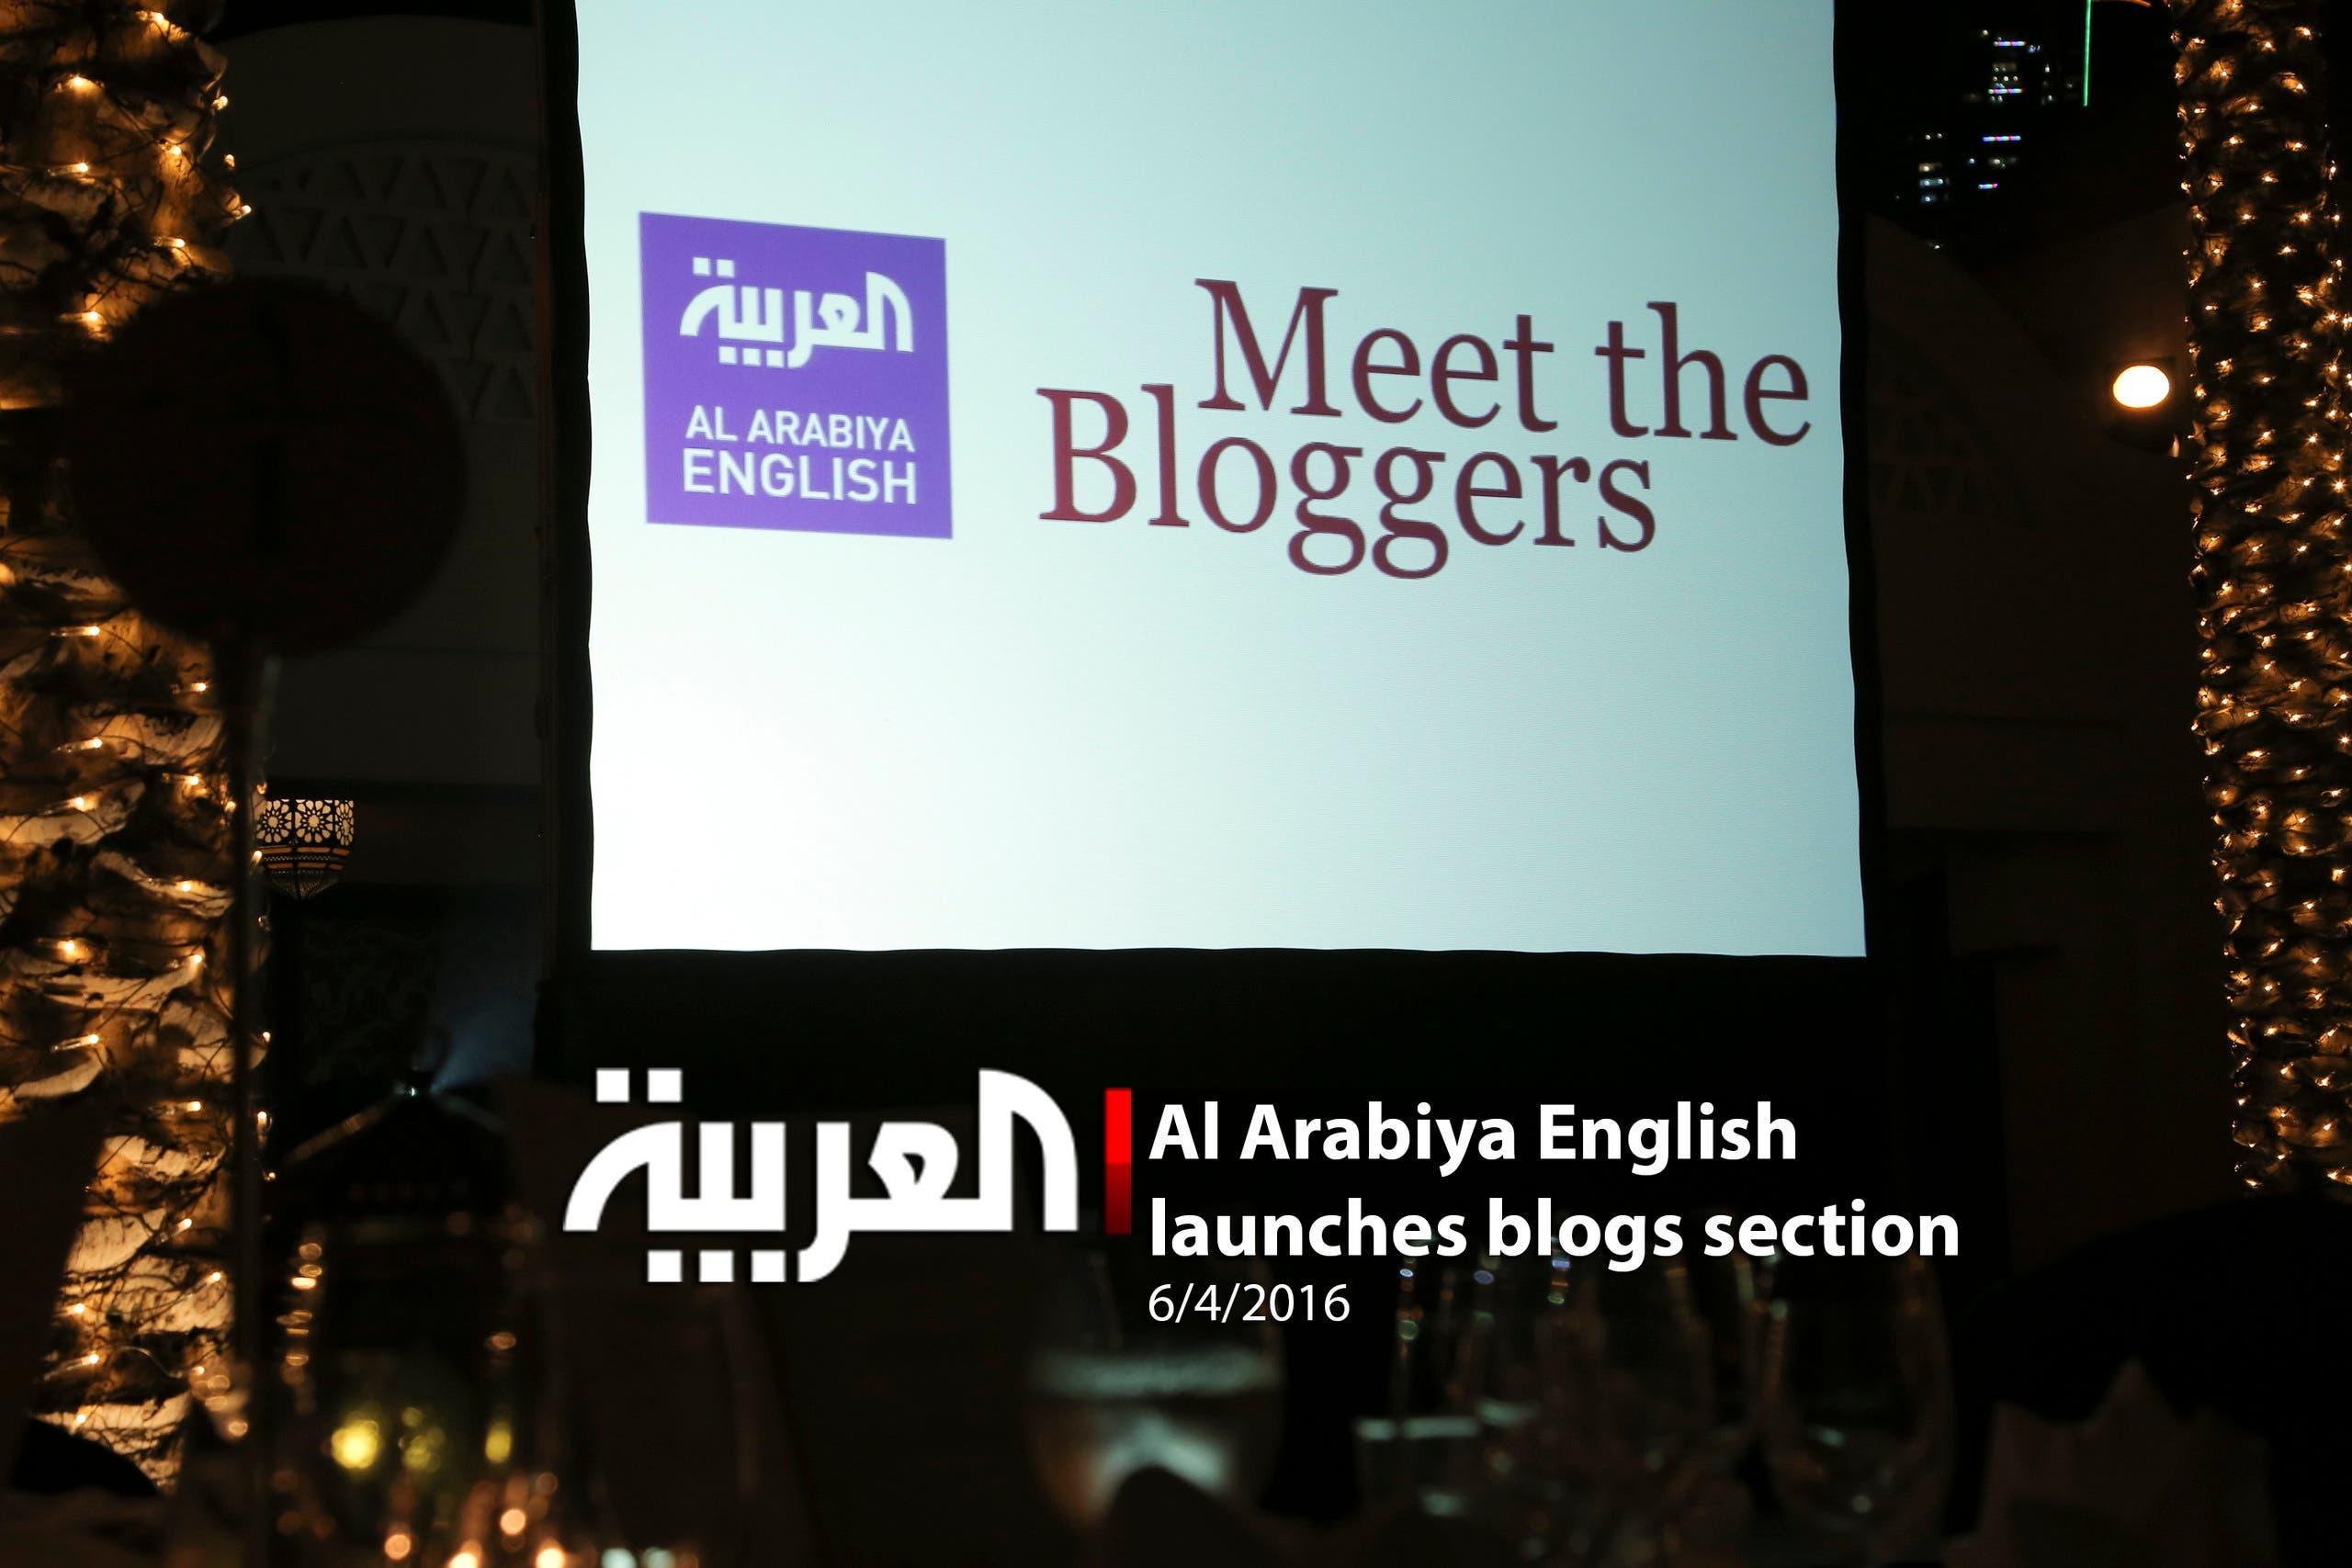 Al Arabiya English Launches Blogs Section Al Arabiya English - Al arabiya english